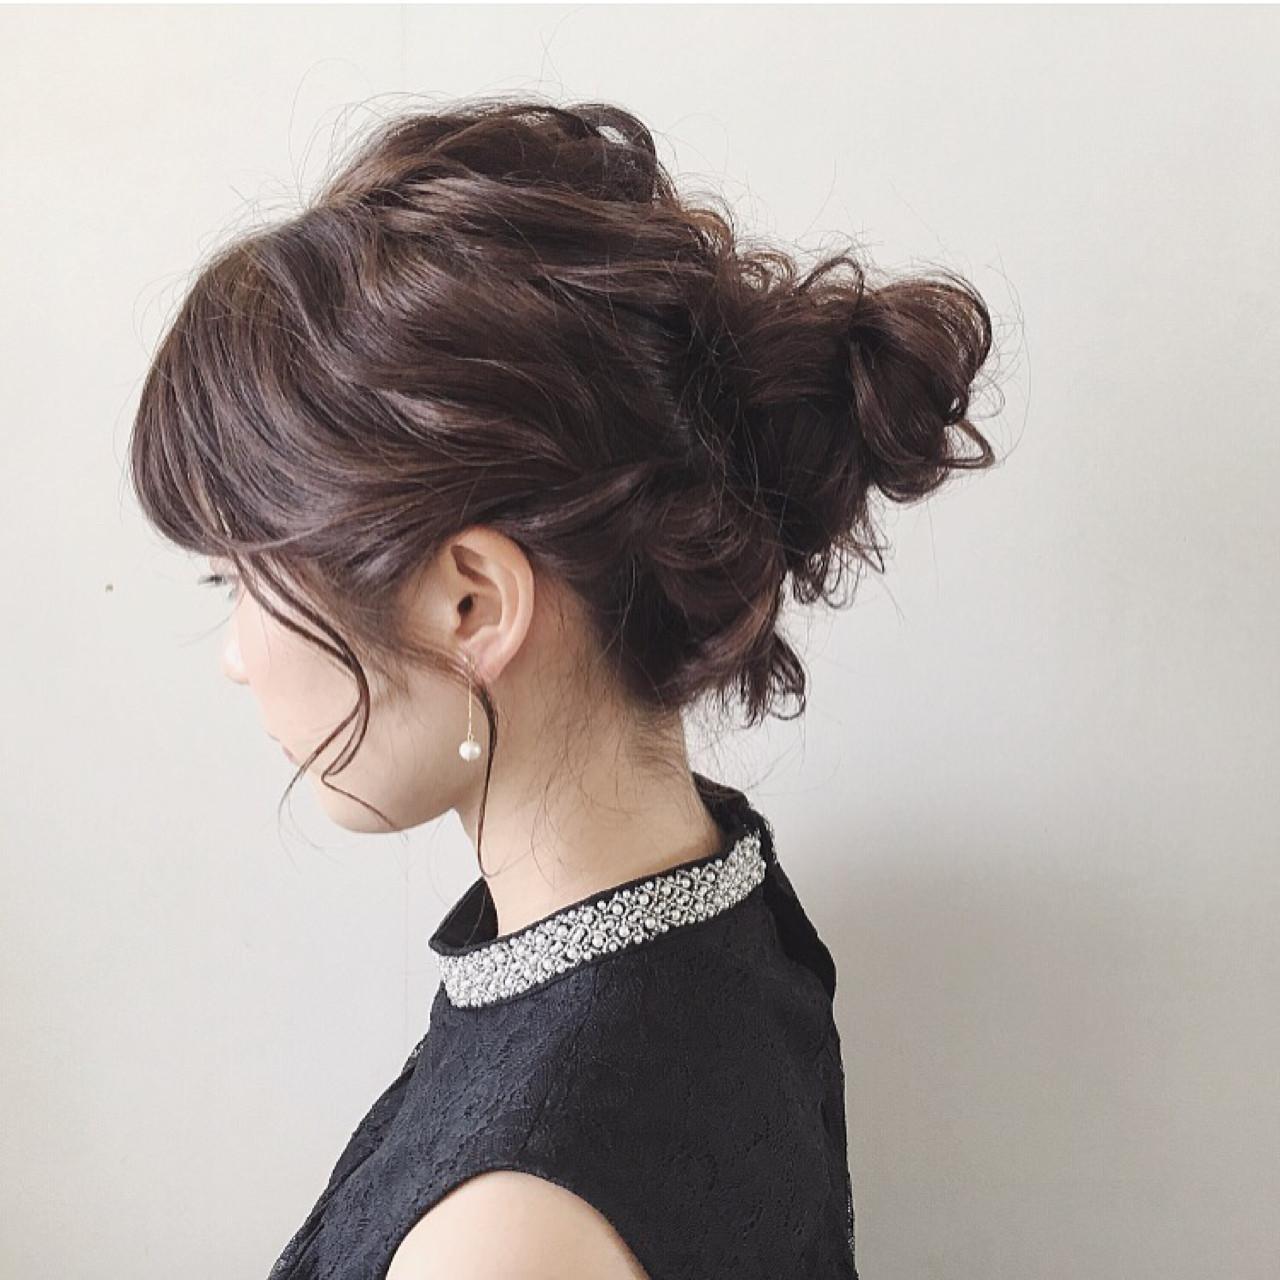 3分でワンランク上のオシャレママさんに!忙しい人のためのヘアアレンジ特集。 tomoya tamada / Freelance_hairmake